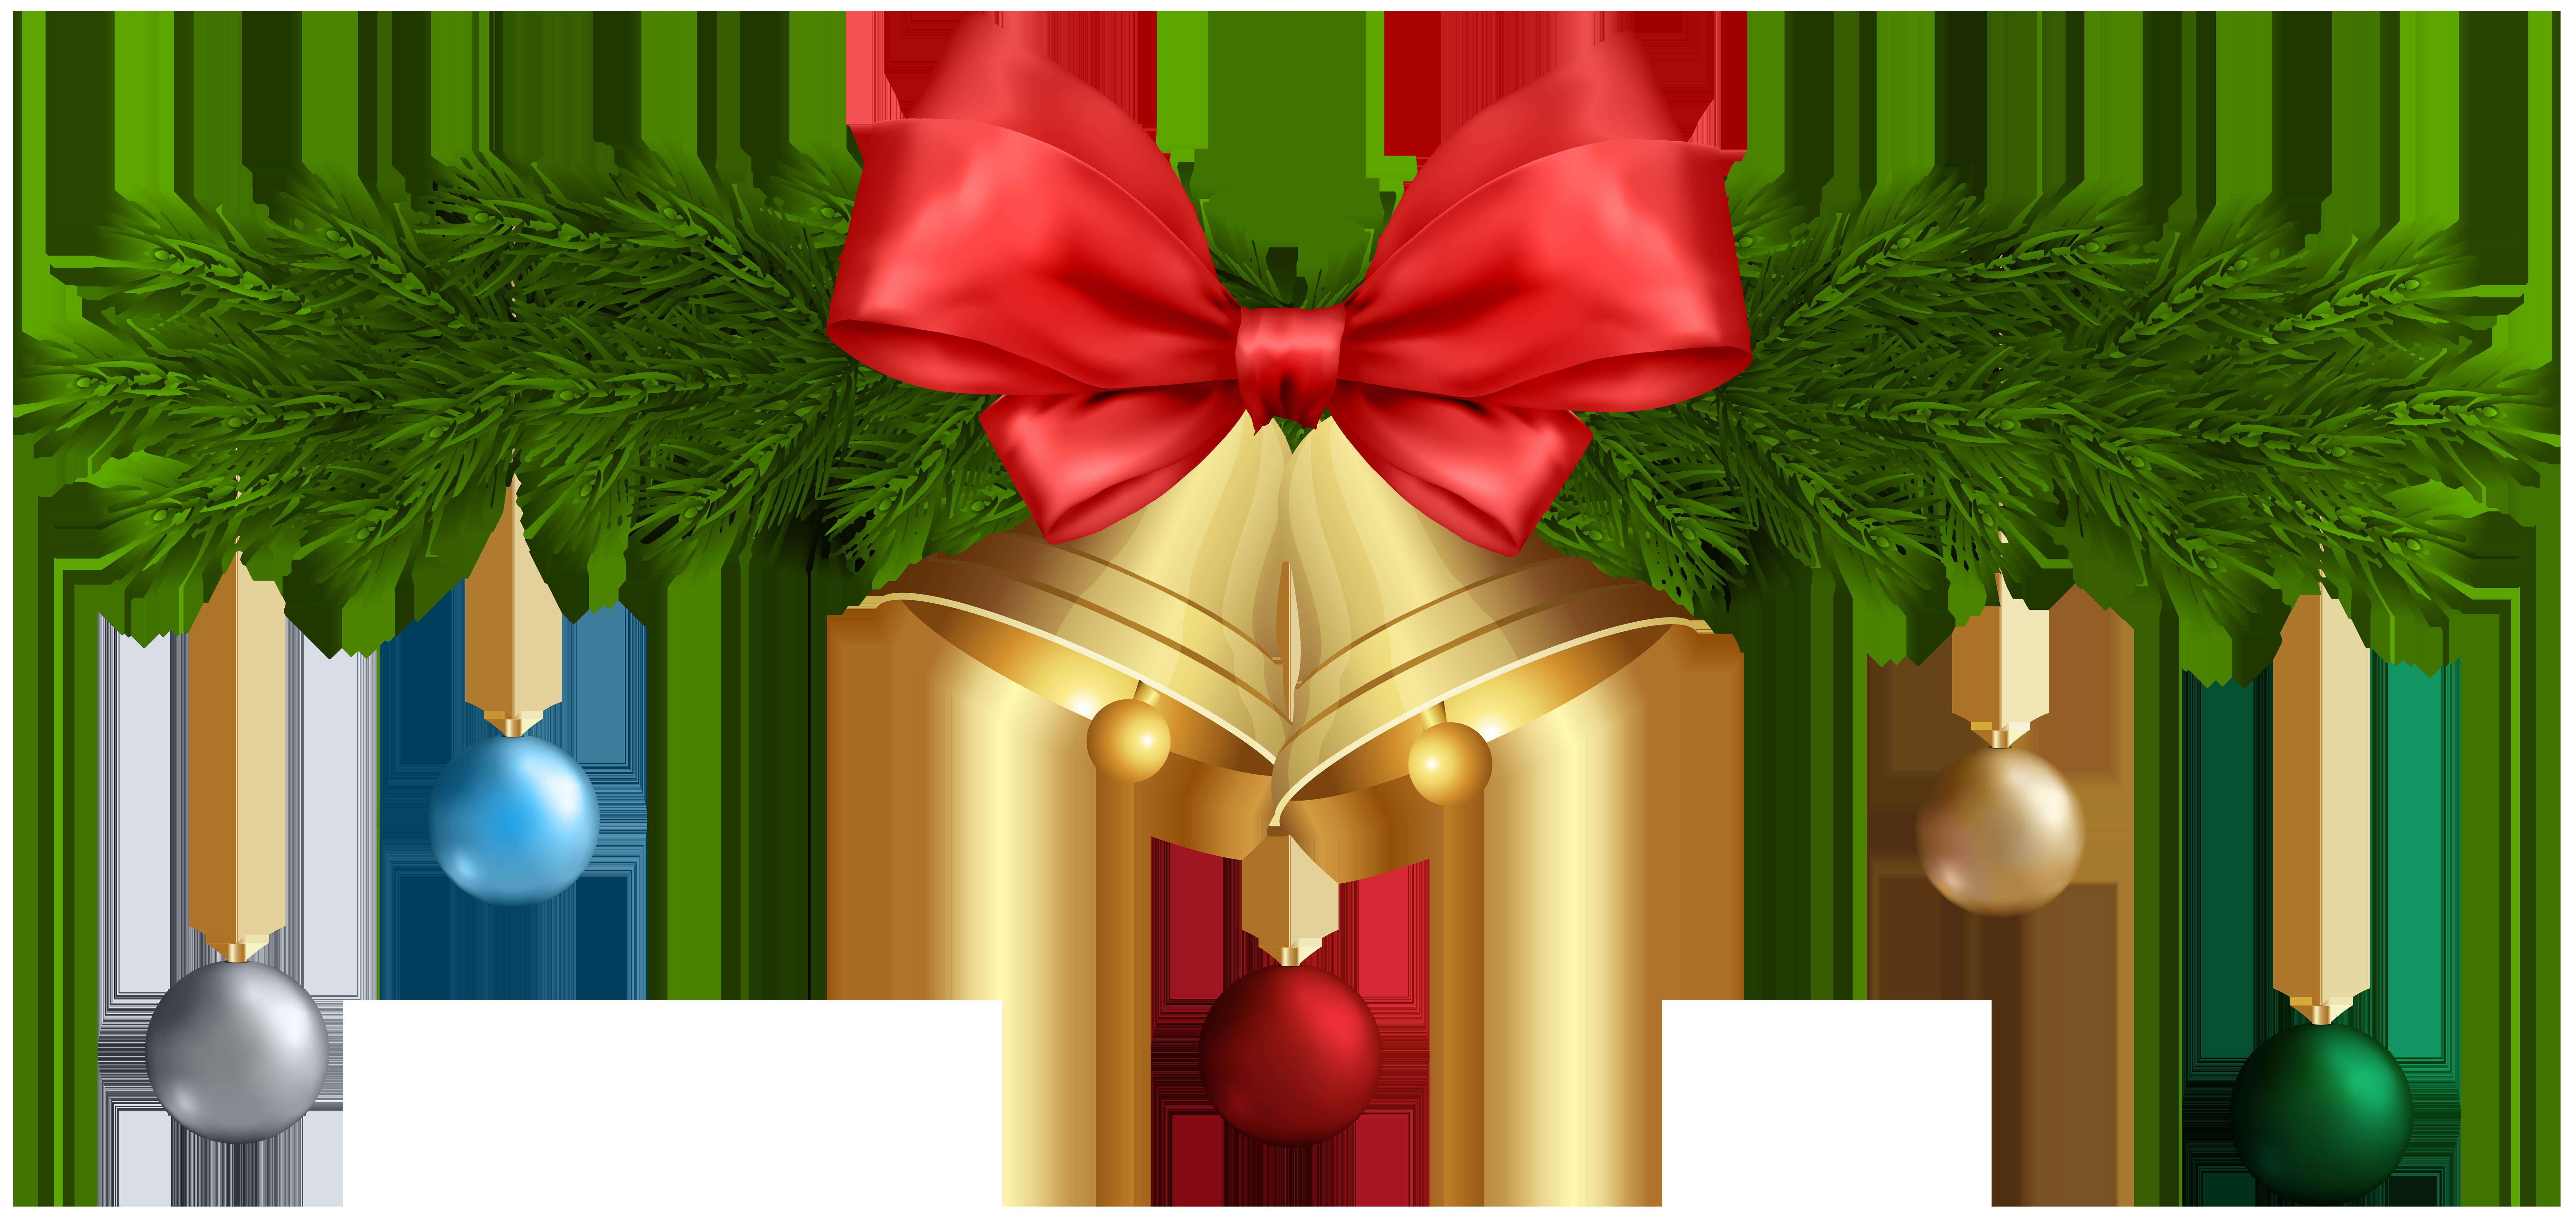 Christmas Bells and Ornaments PNG Transparent Clip Art.